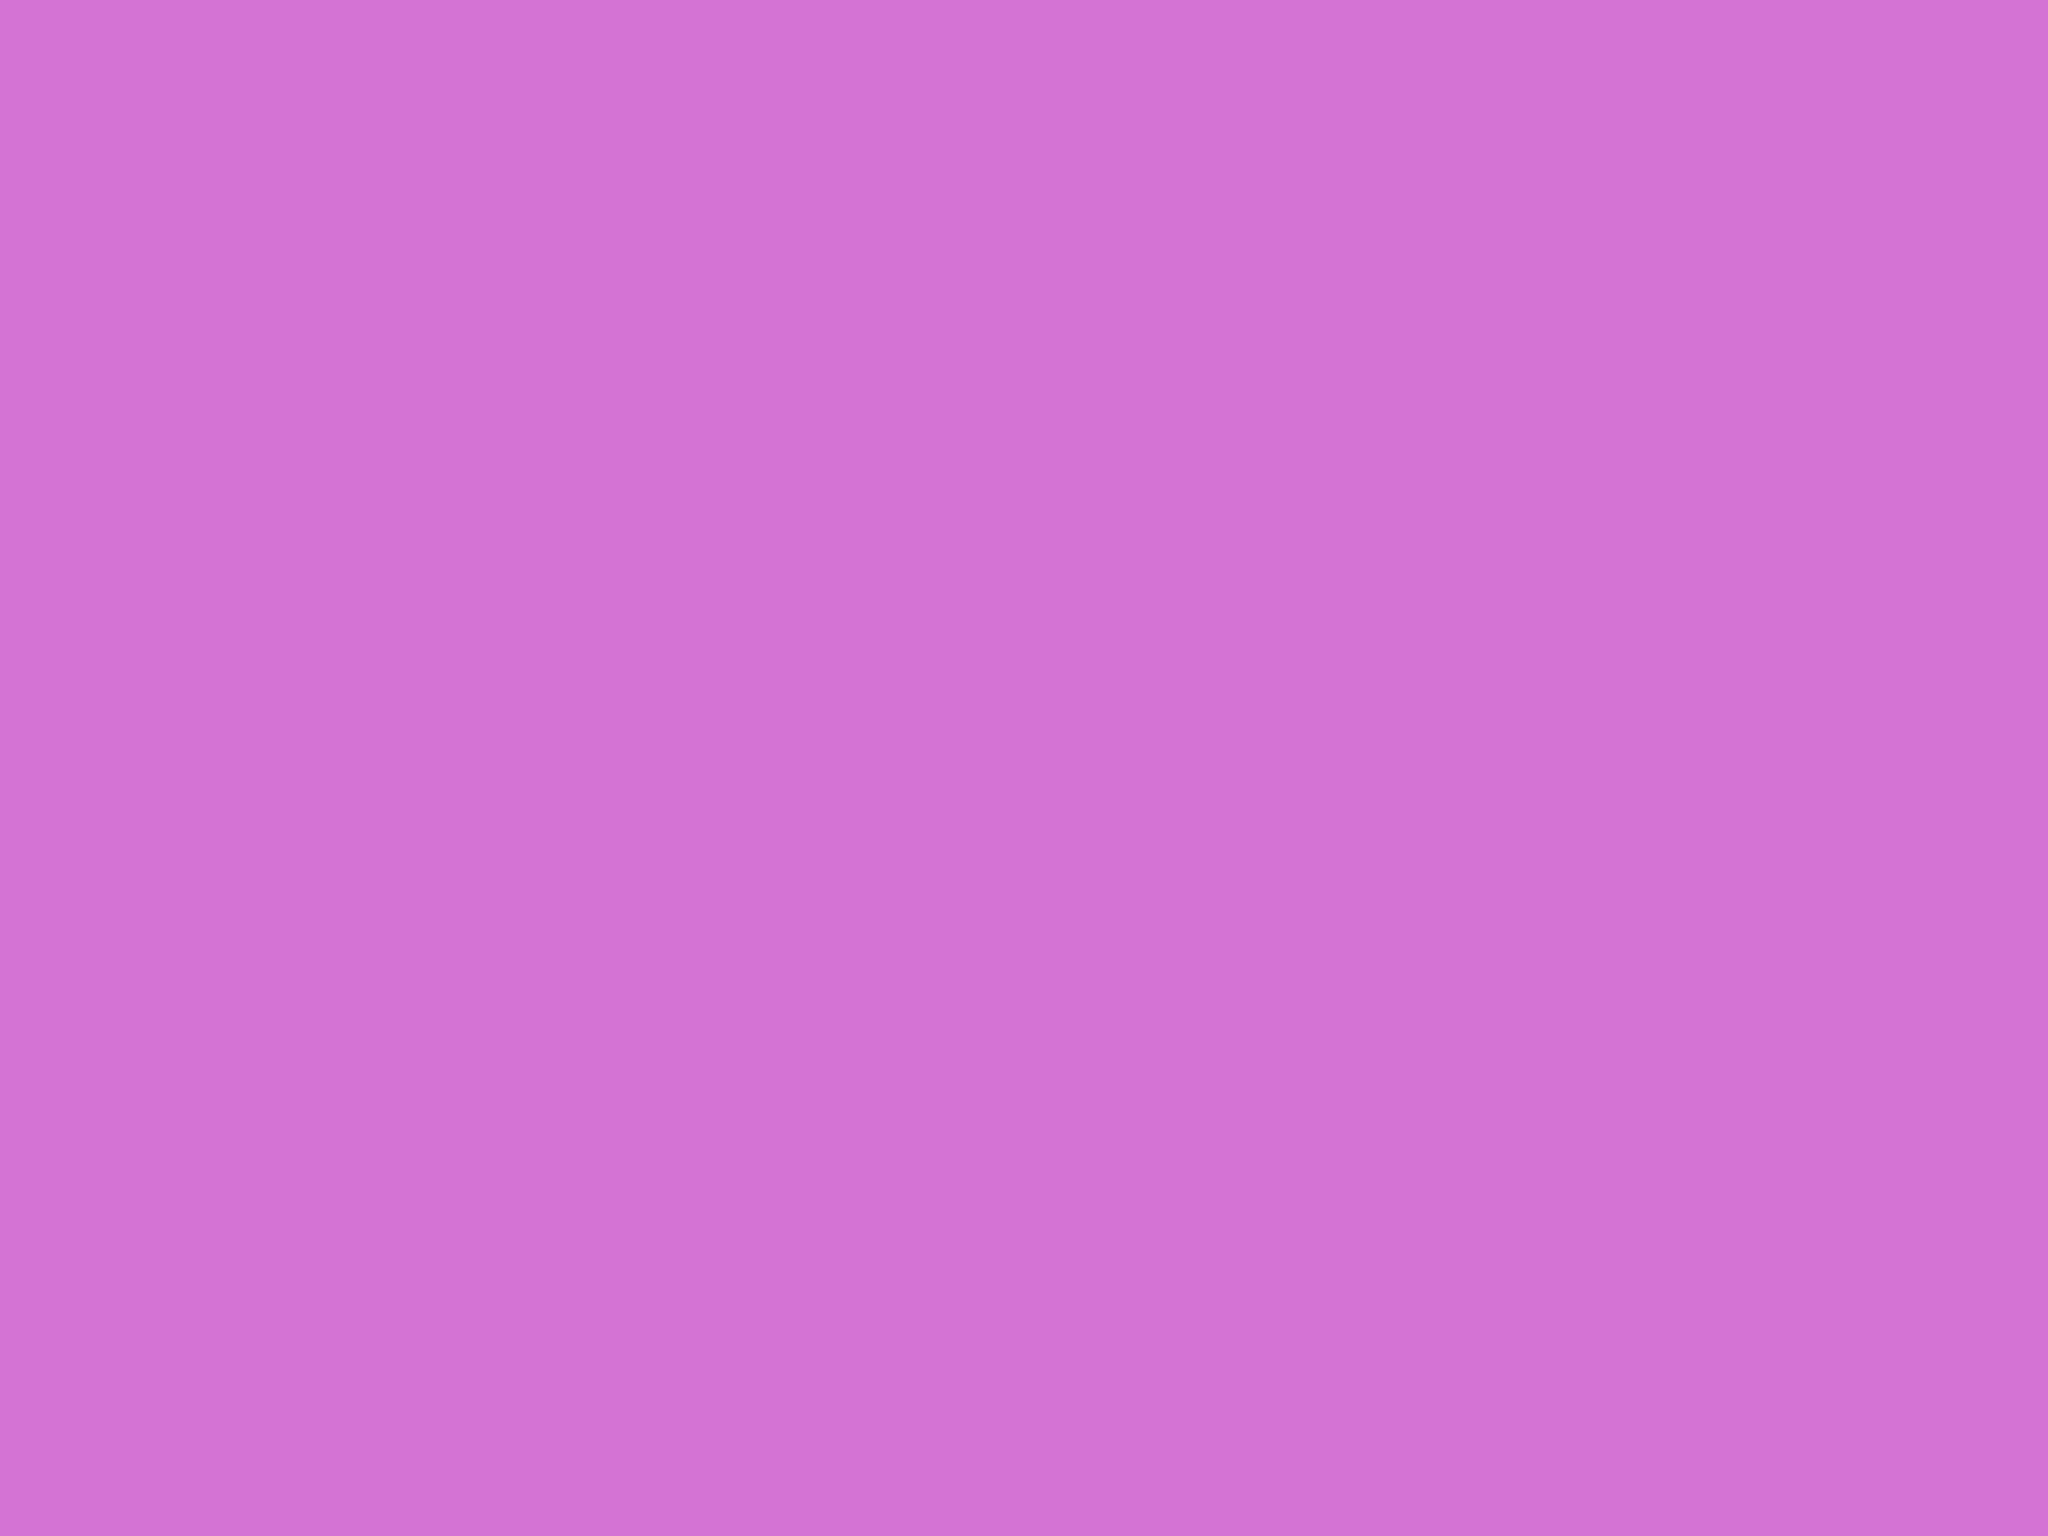 2048x1536 Deep Mauve Solid Color Background